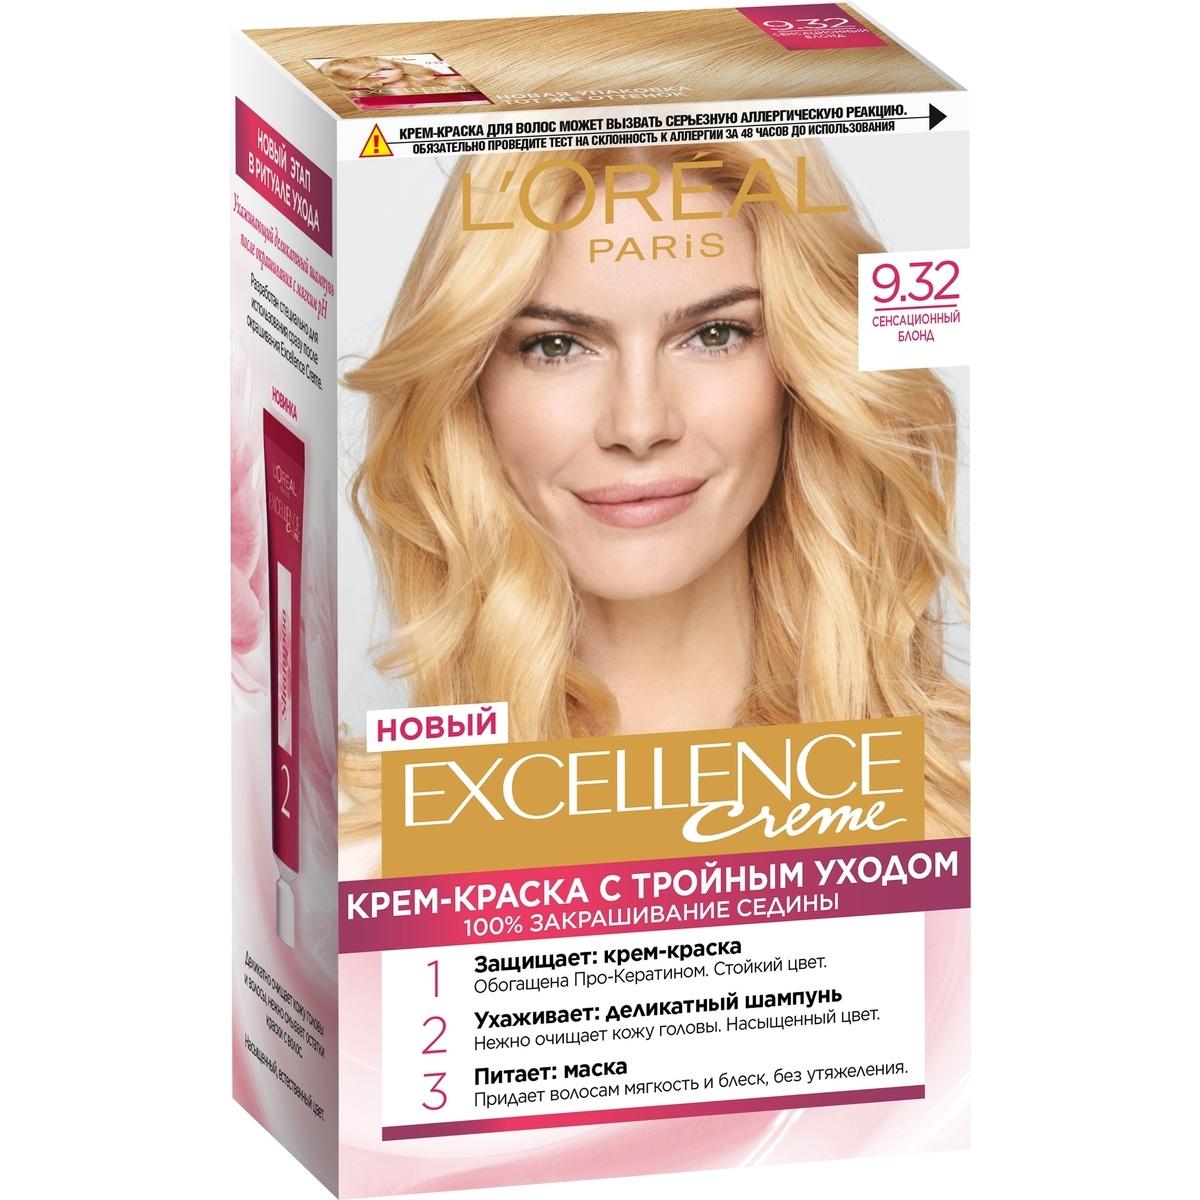 L'Oreal Paris Краска для волос  Excellence, 9.32, Сенсационный блонд #1